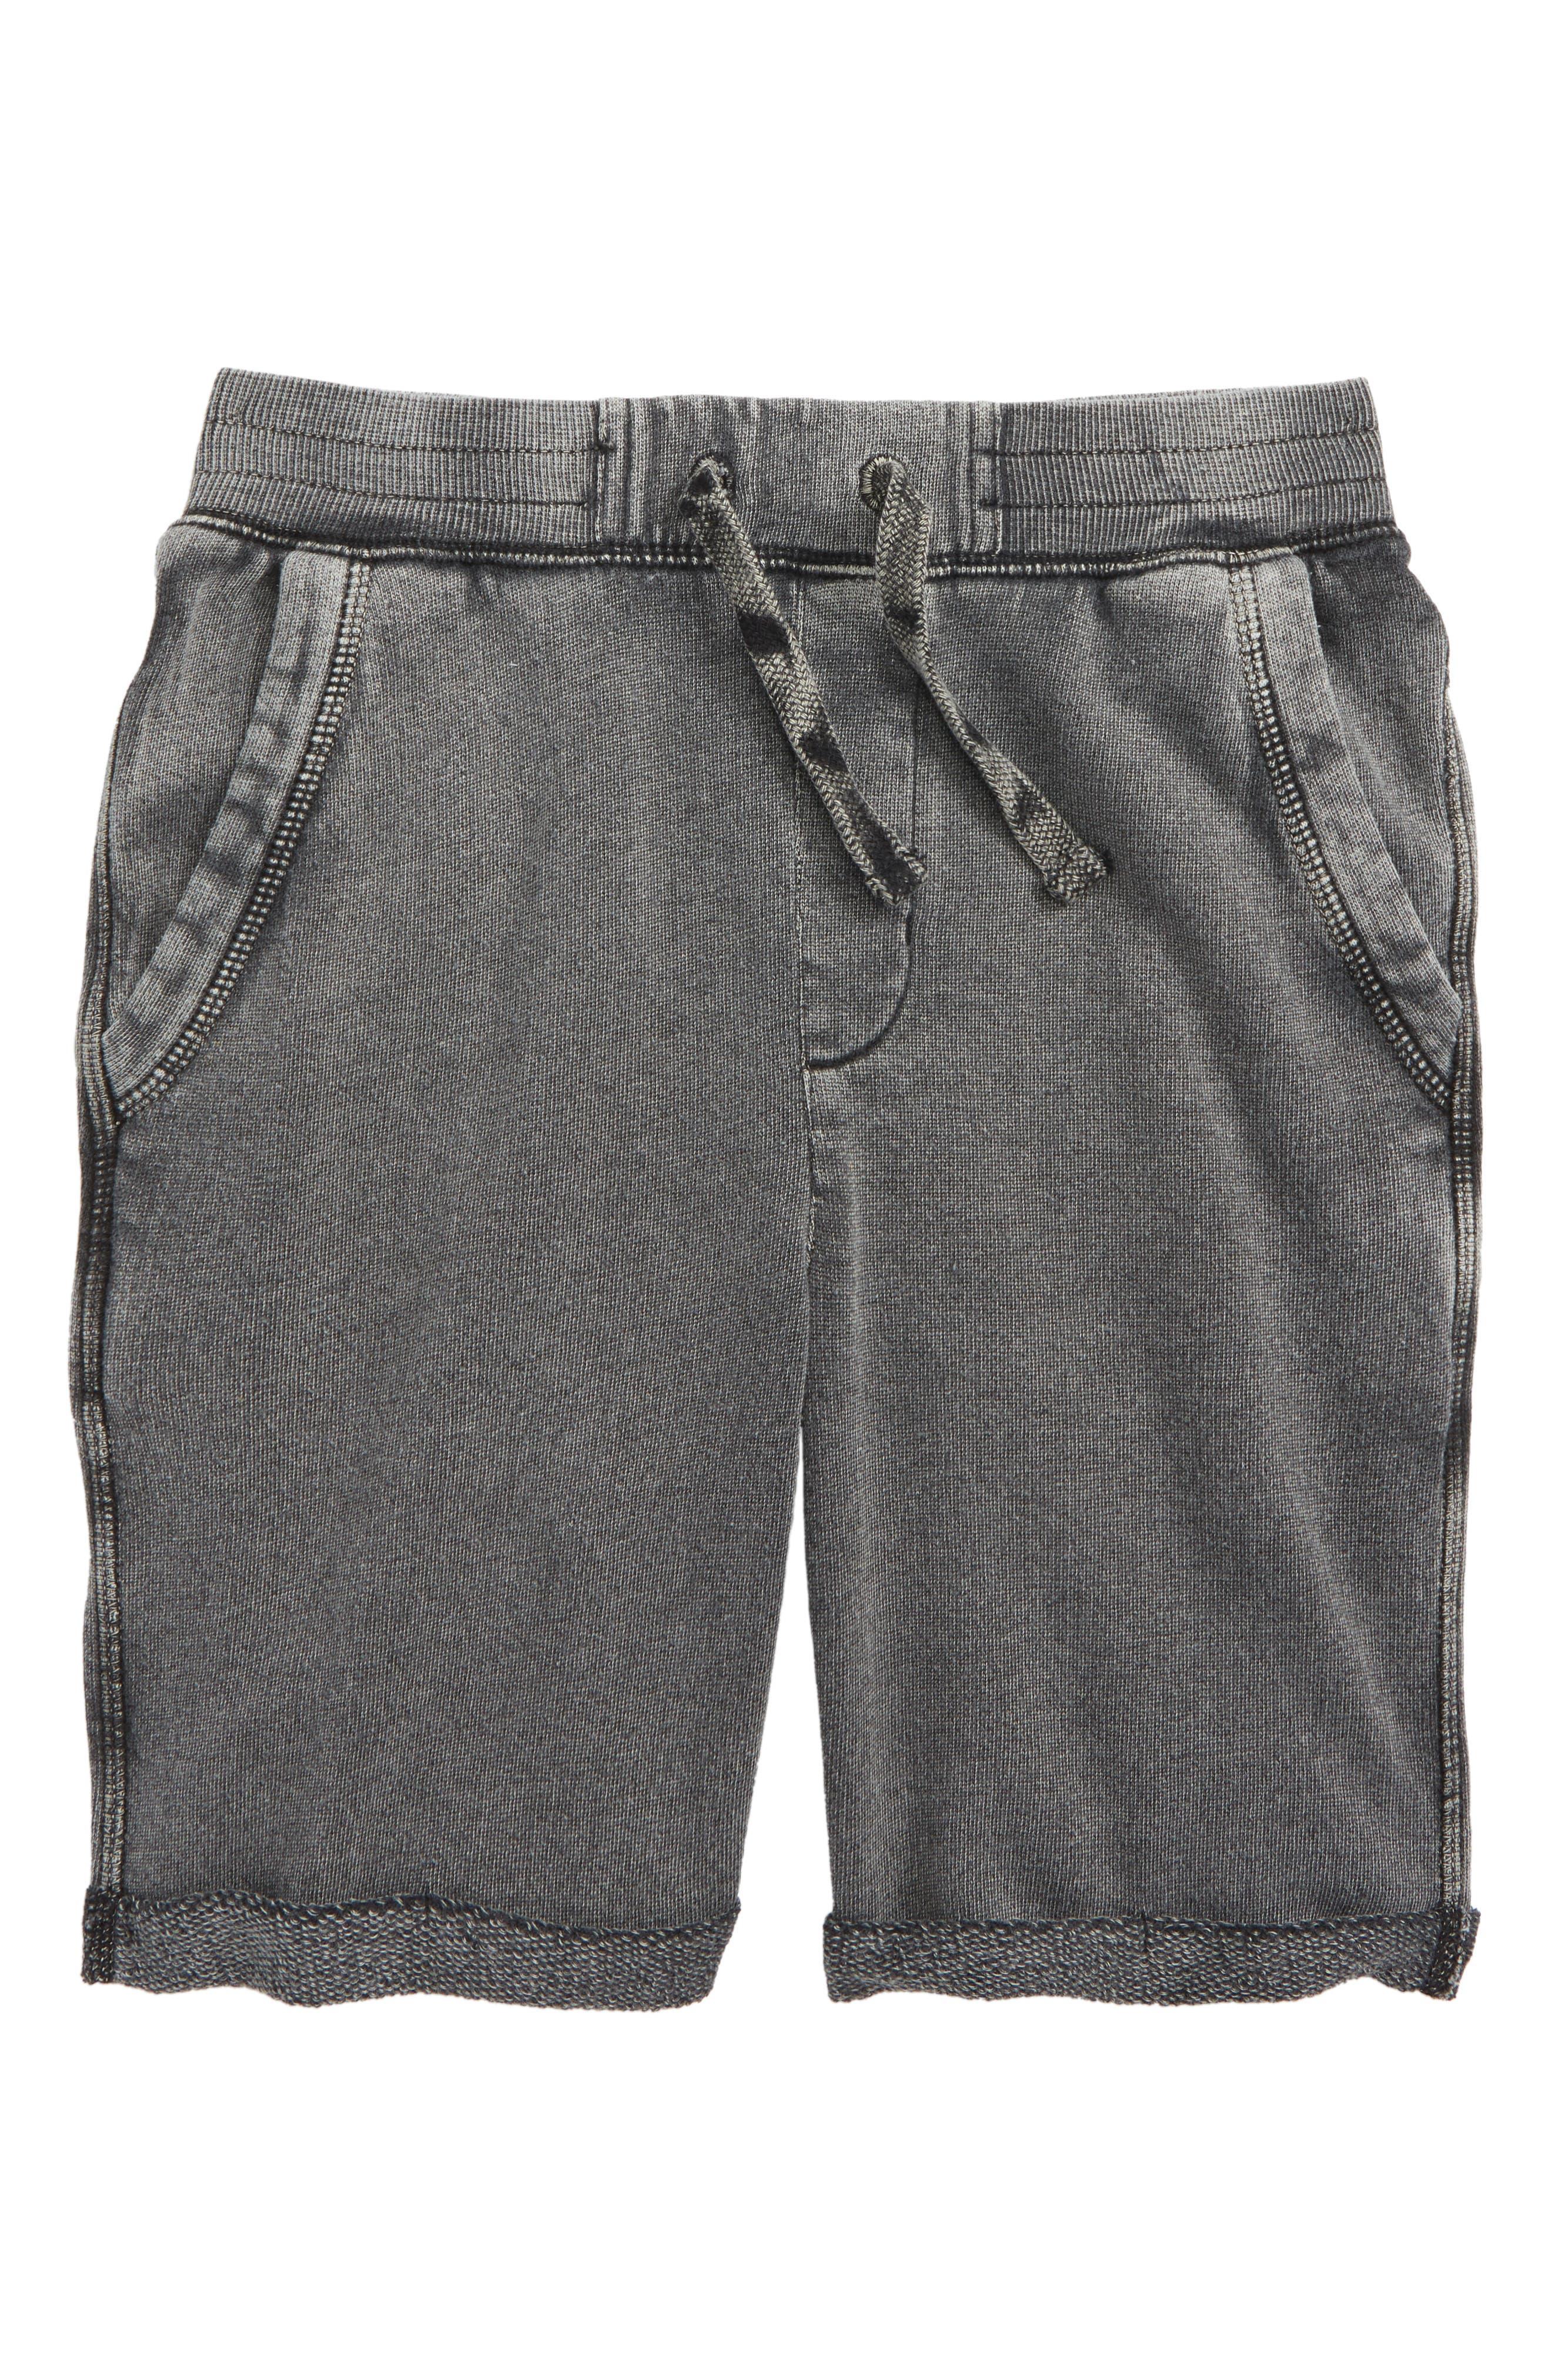 TUCKER + TATE,                             Fleece Shorts,                             Main thumbnail 1, color,                             001